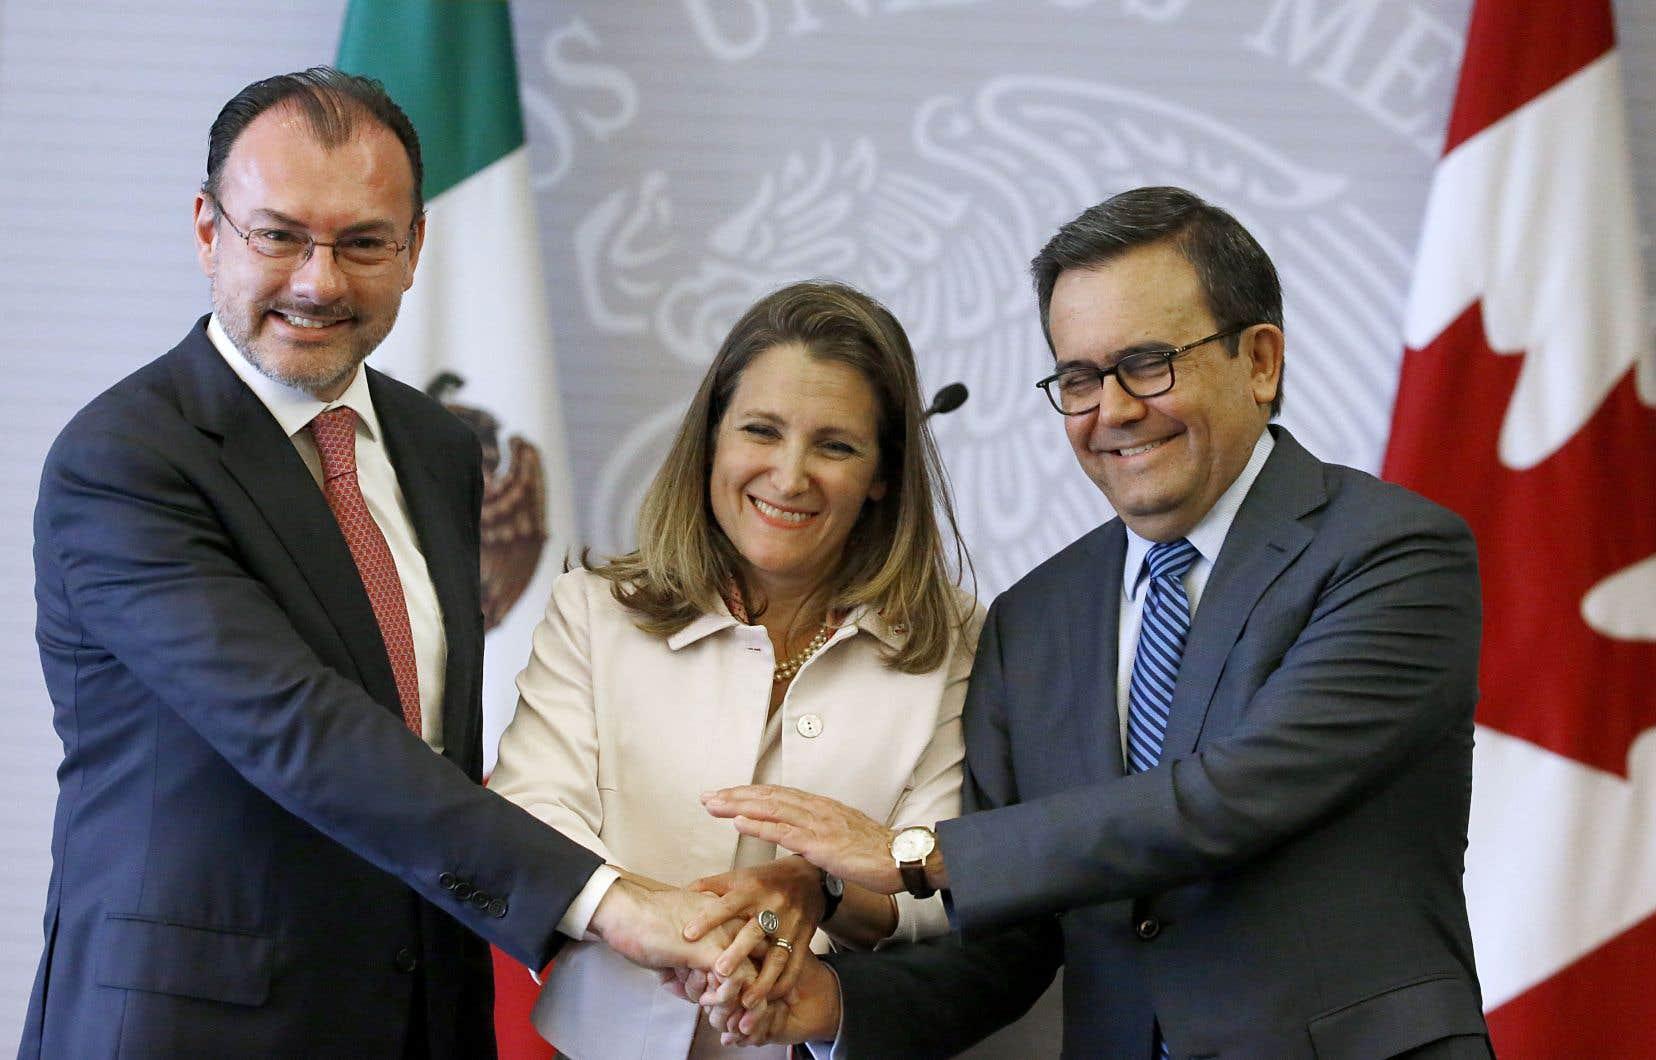 La ministre canadienne des affaires étrangères, Chrystia Freeland, a été accueillie mercredi à Mexico par son vis-à-vis mexicain, Luis Videgaray, (à gauche) et par le secrétaire à l'Économie Ildefonso Guajardo, avant sa rencontre avec le président désigné Andrés Manuel López Obrador.